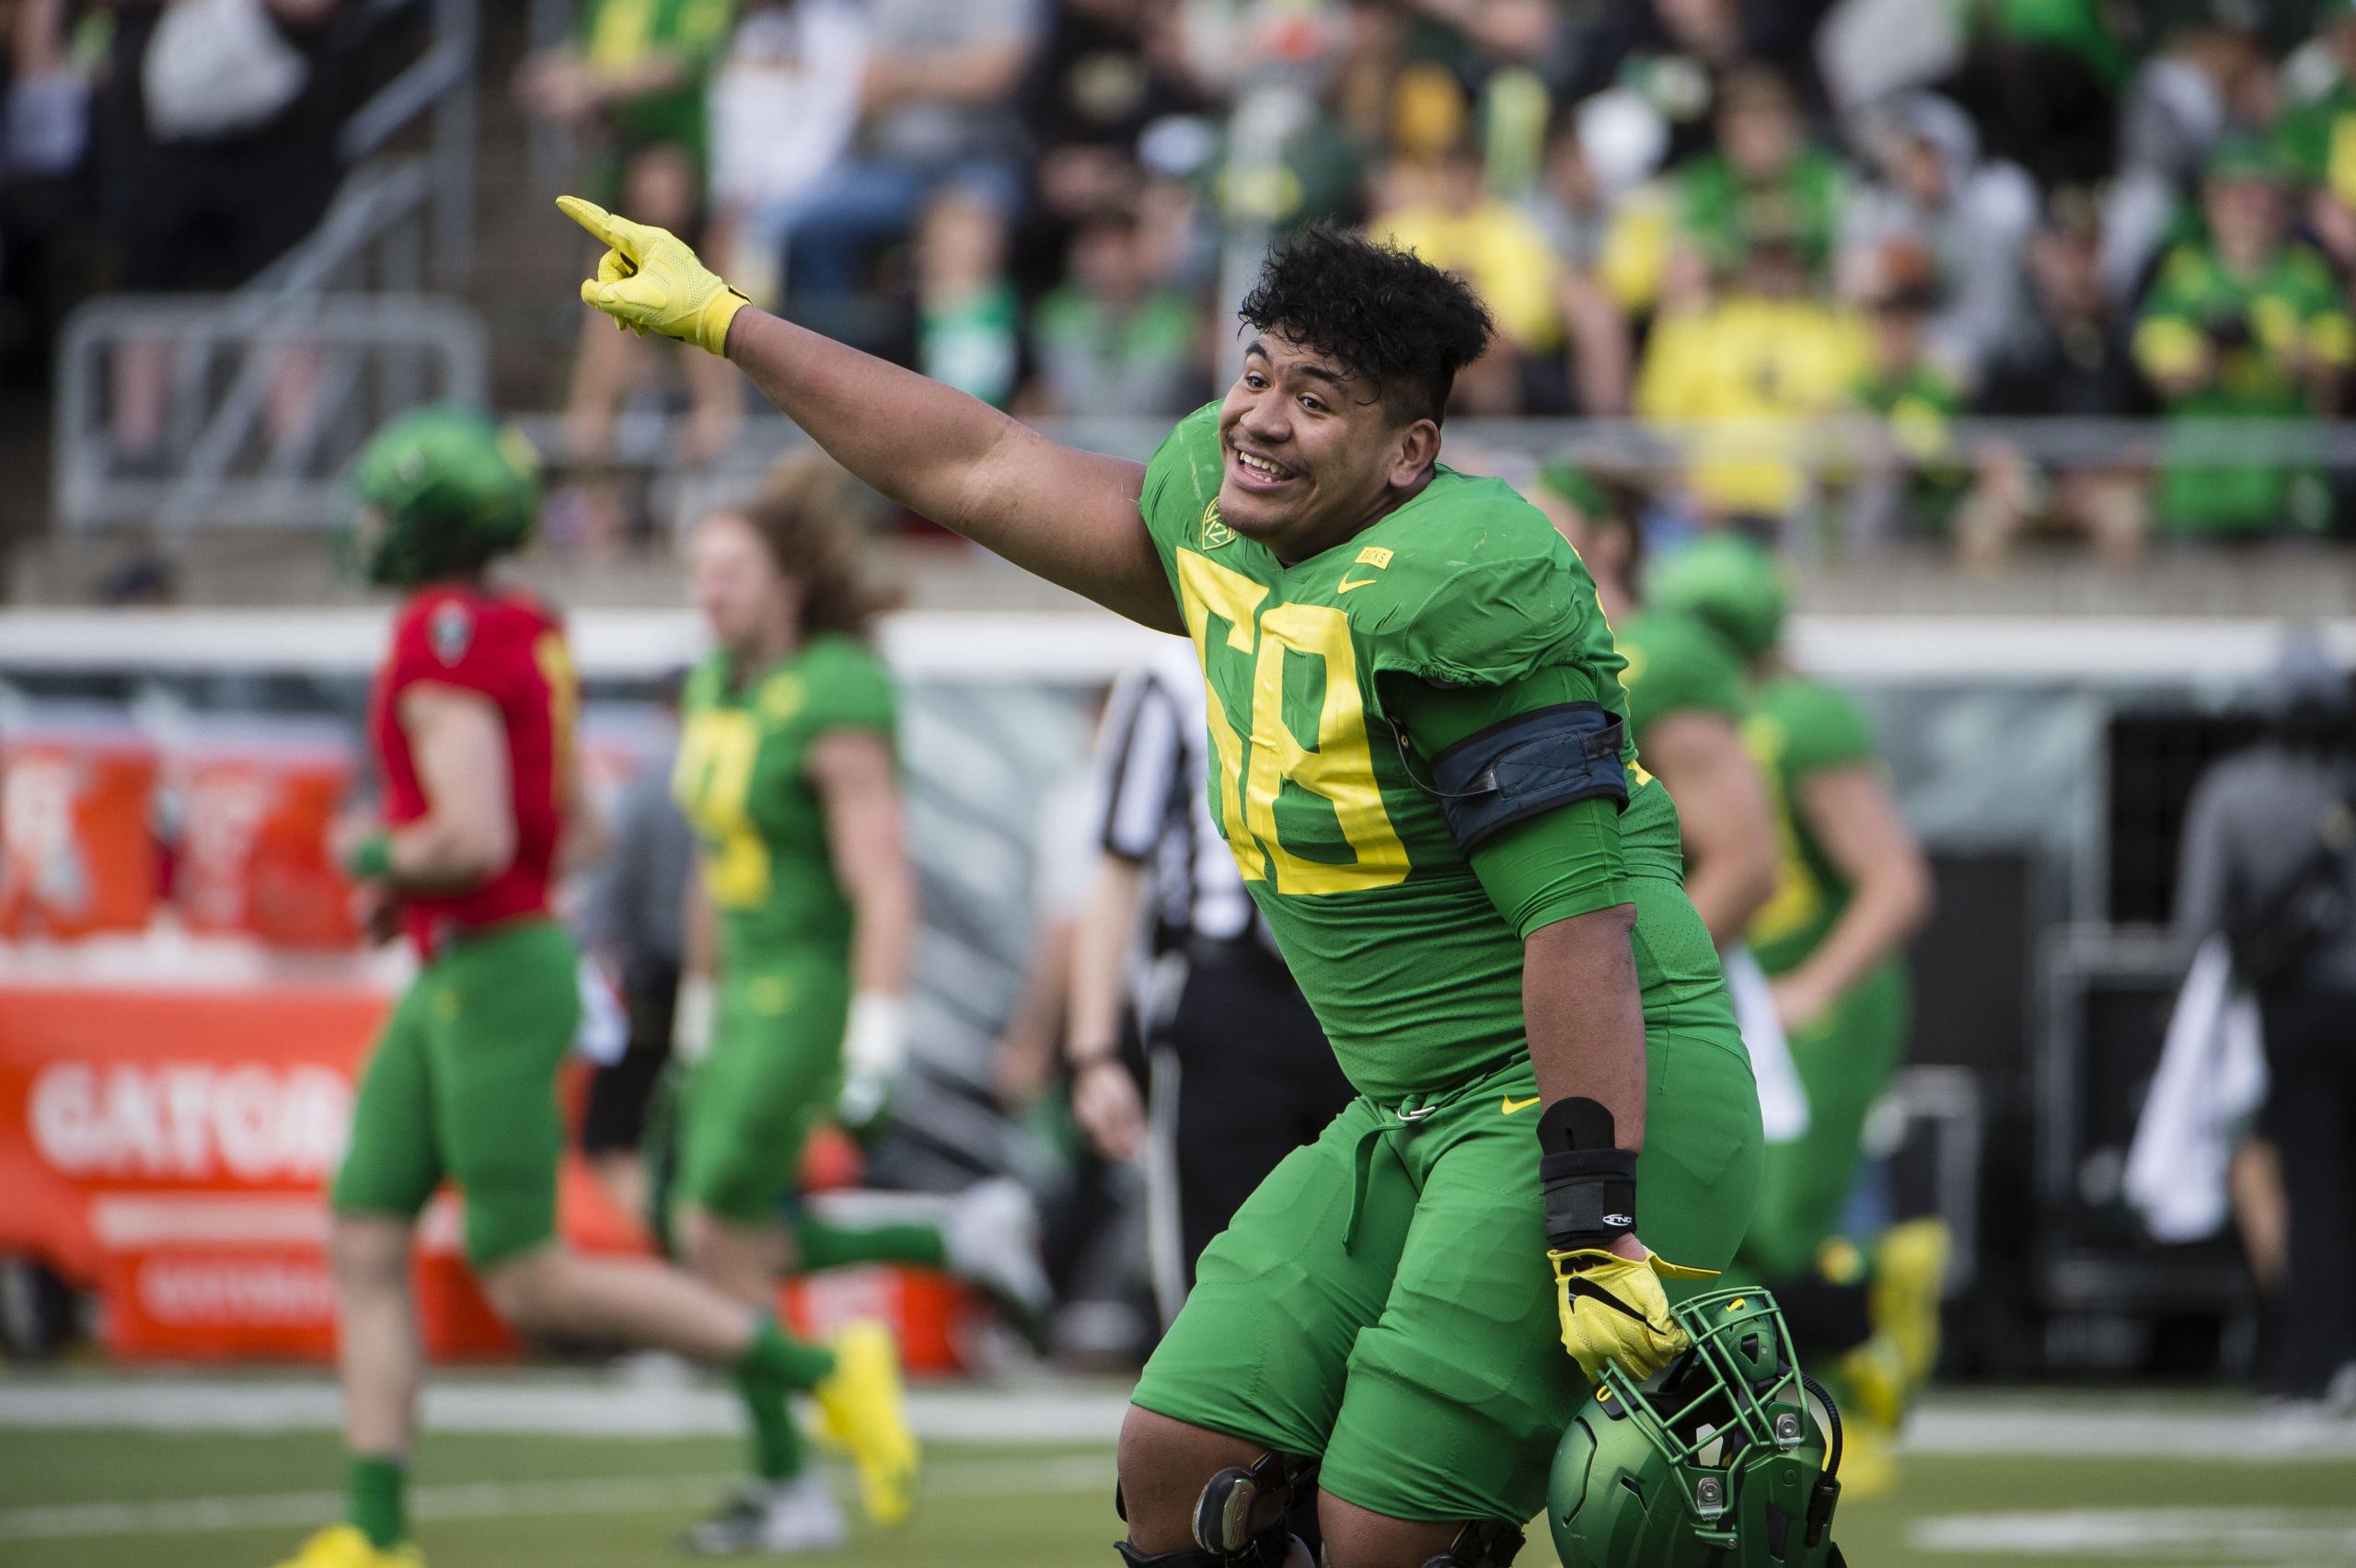 Oregon offensive tackle Penei Sewell